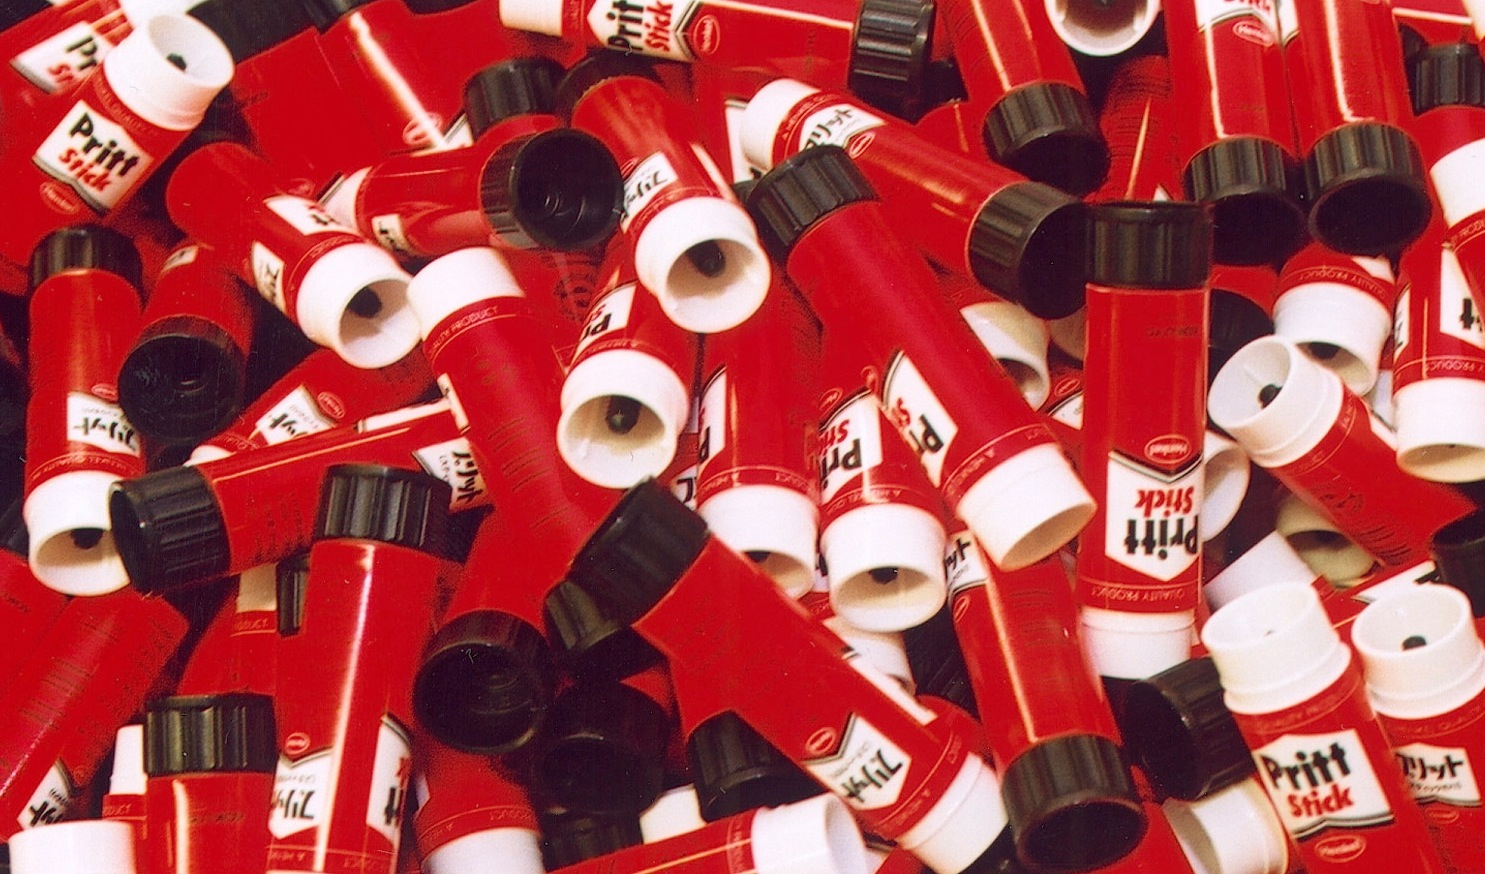 Pritt_Produktion_2001